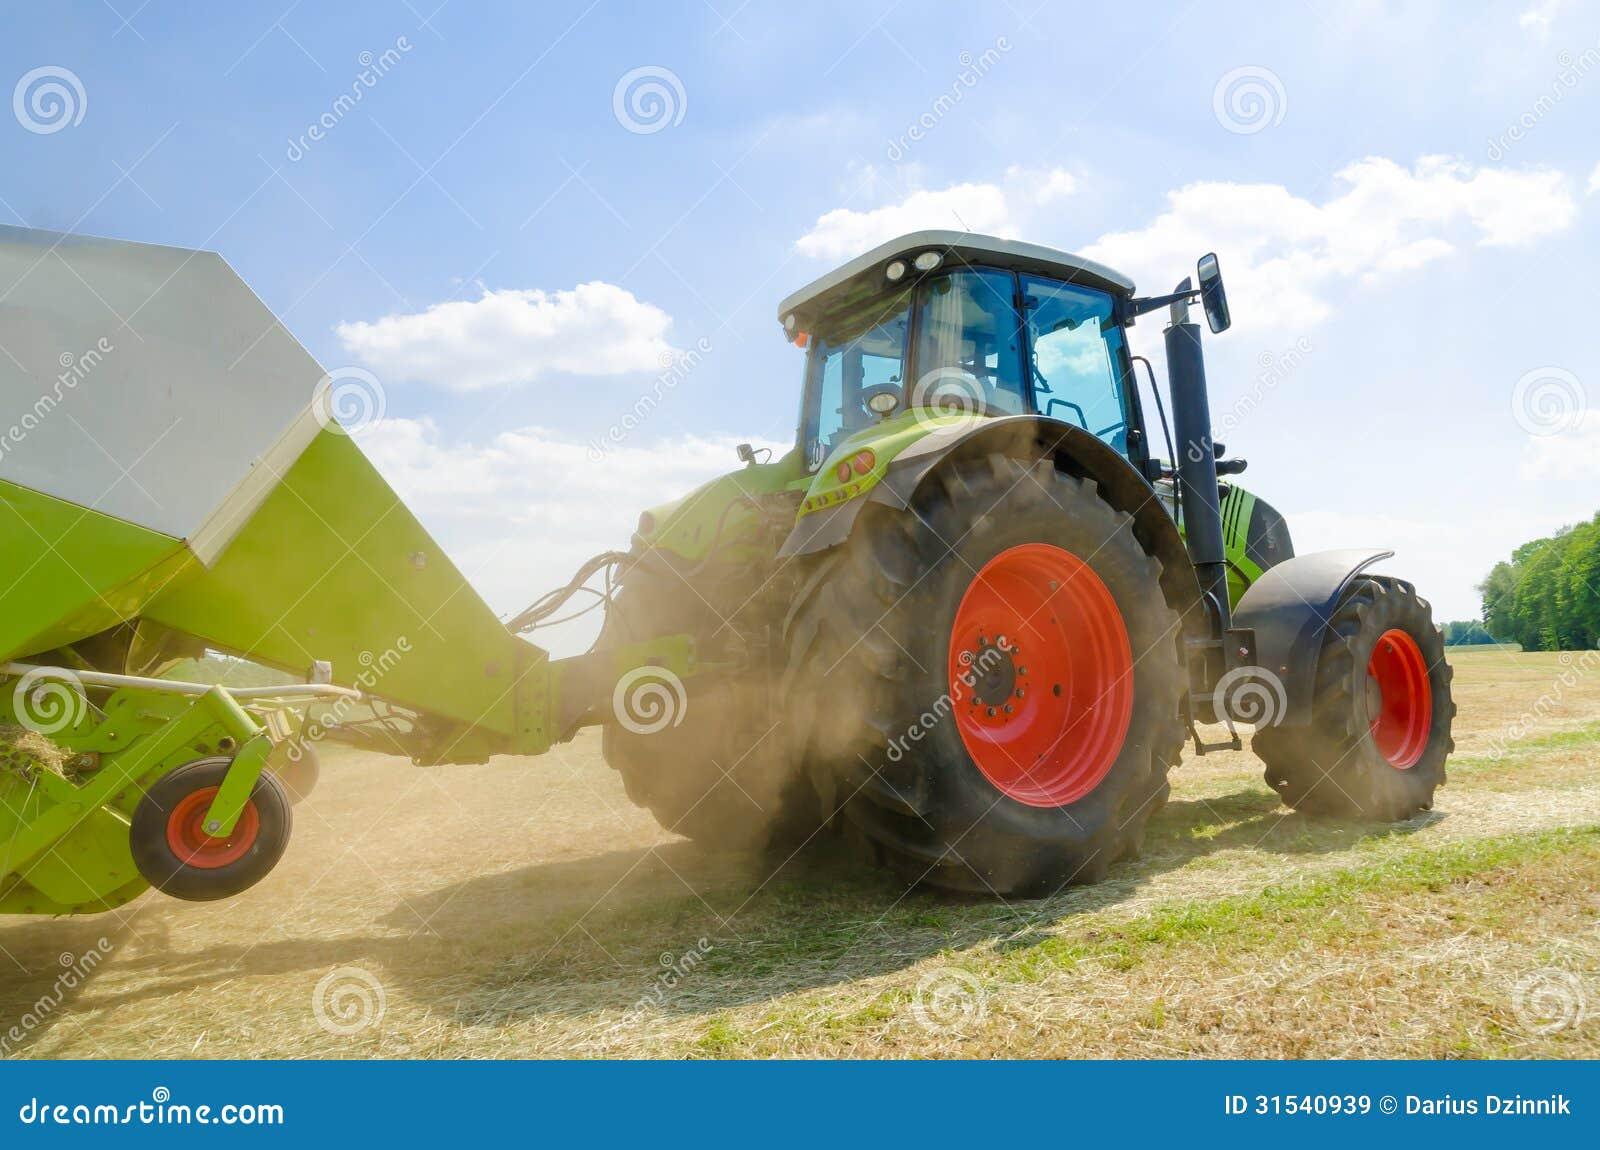 Traktor mit Ballenpresse stockbild. Bild von grün, landwirt - 31540939